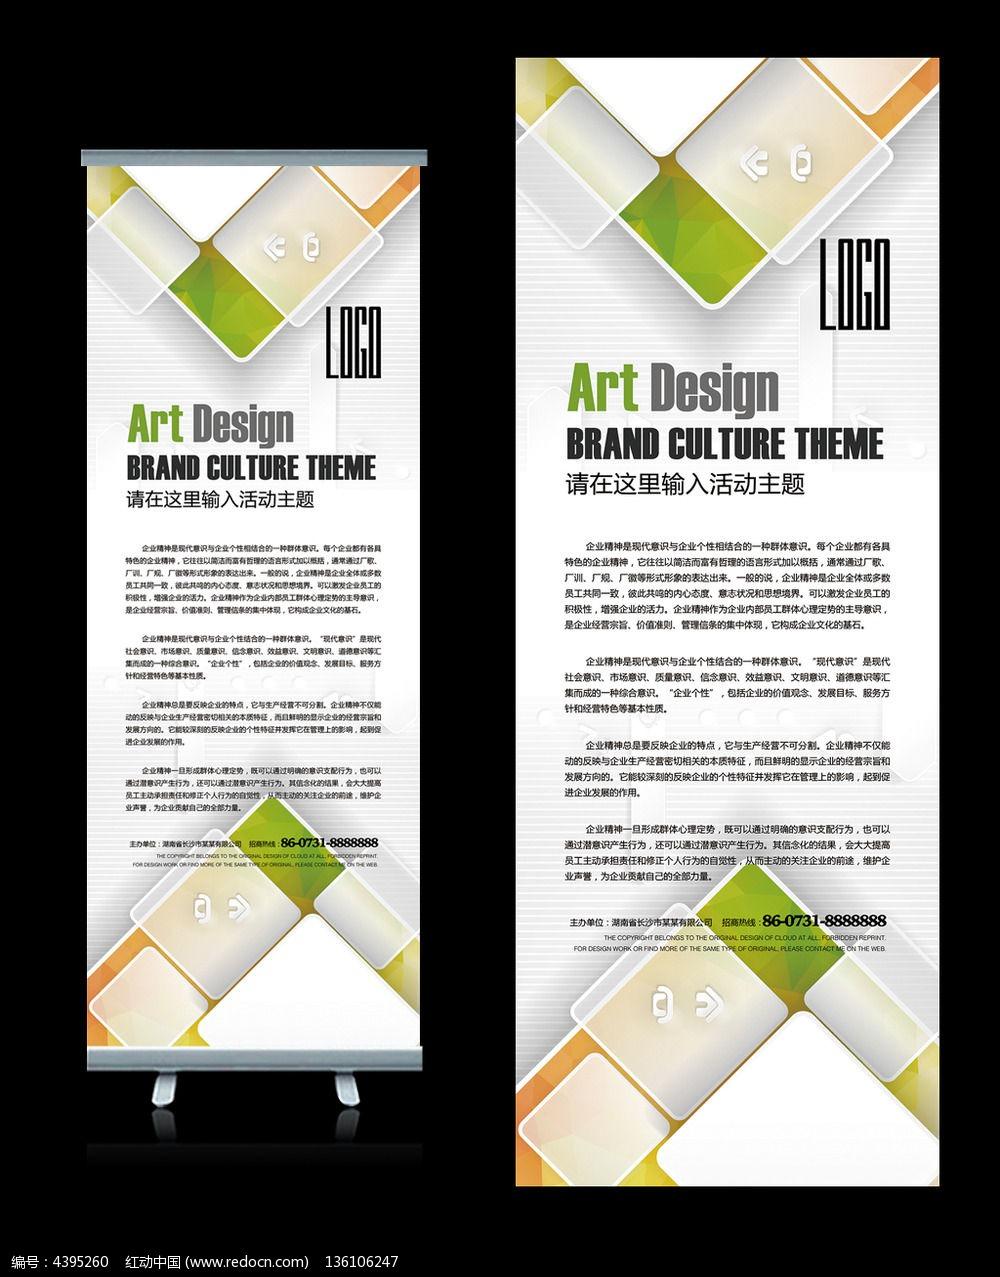 通讯app开发科技公司创意x展架设计图片